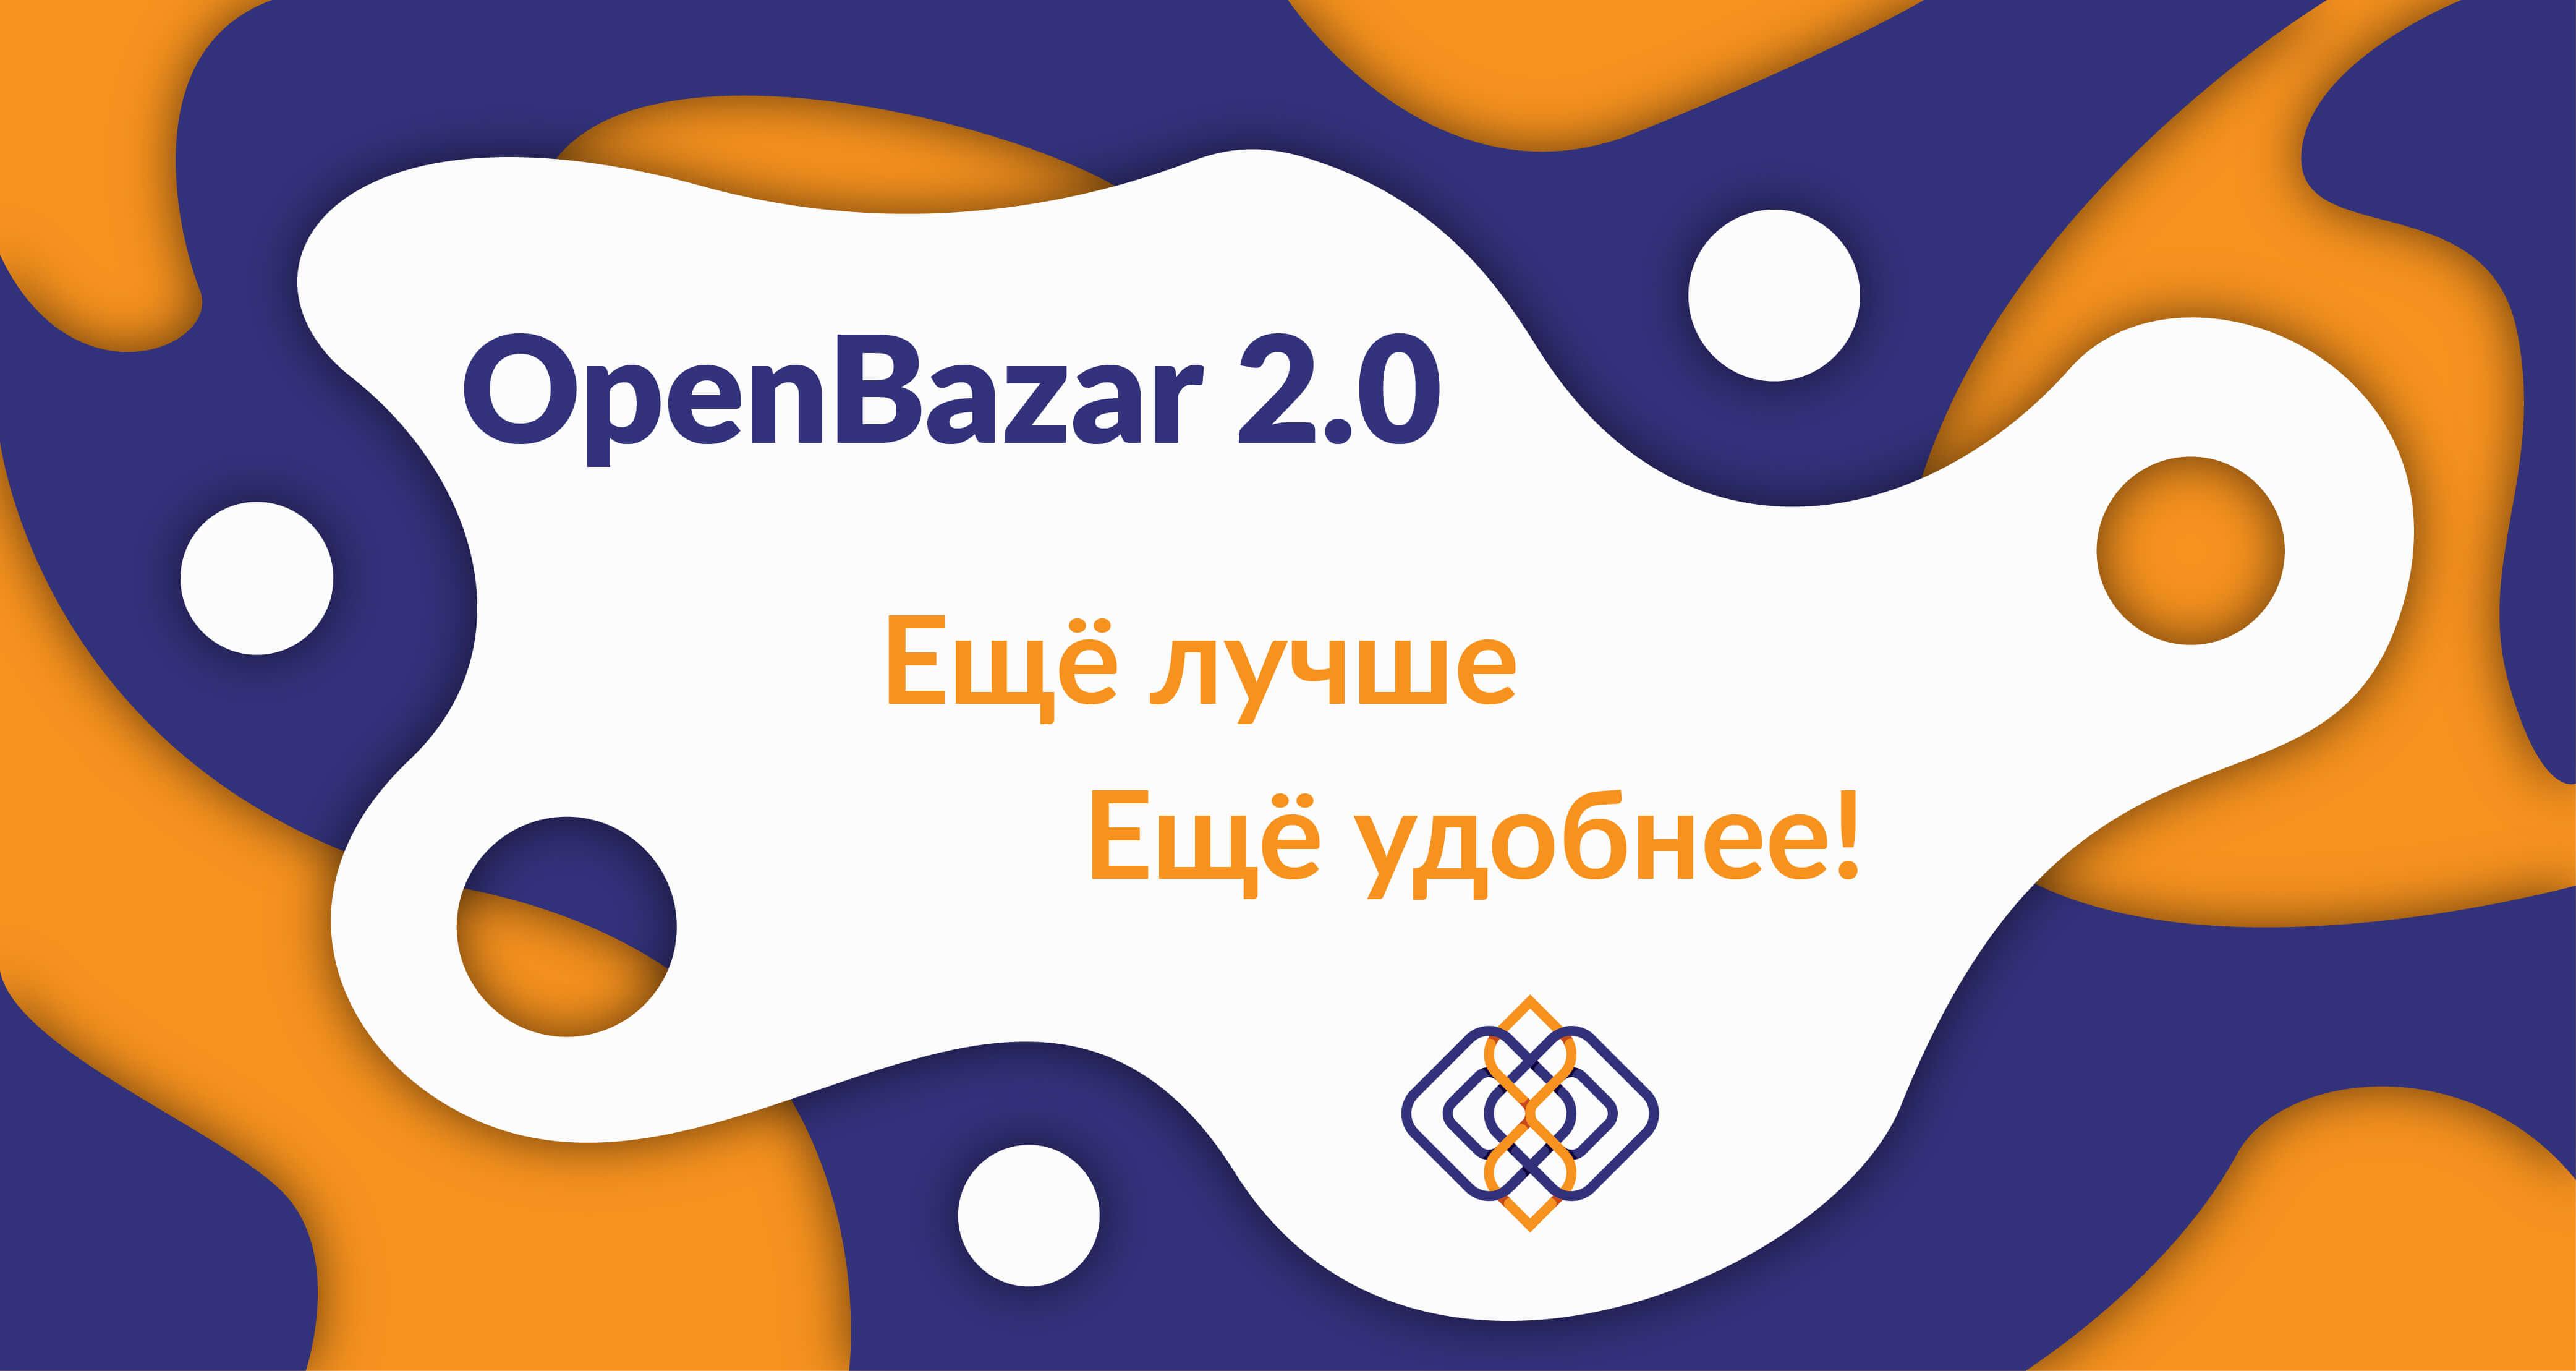 Openbazar 2.0